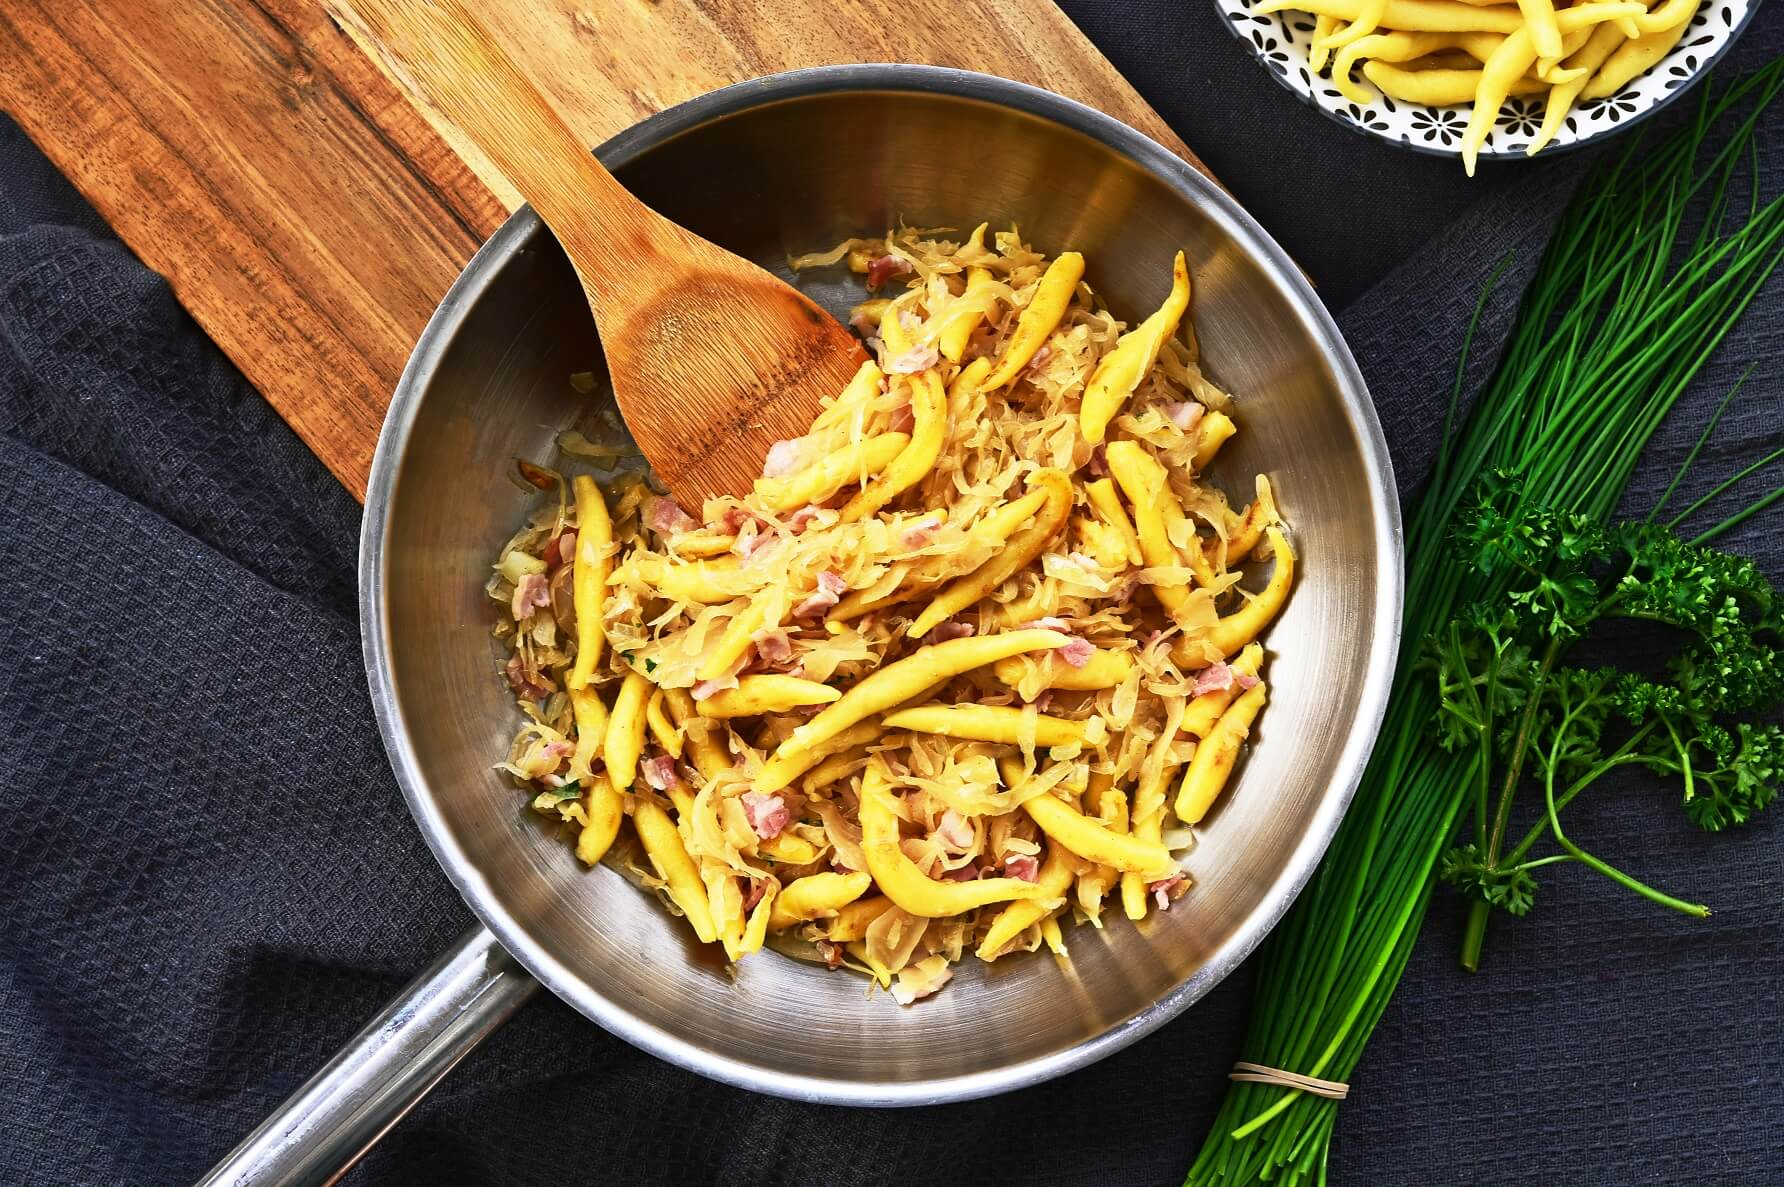 Schupfnudeln-Rezept-Fingernudeln-mit-Sauerkraut-vegetarisch-mit-Hackfleisch-Spinat-Pilzen-vegan